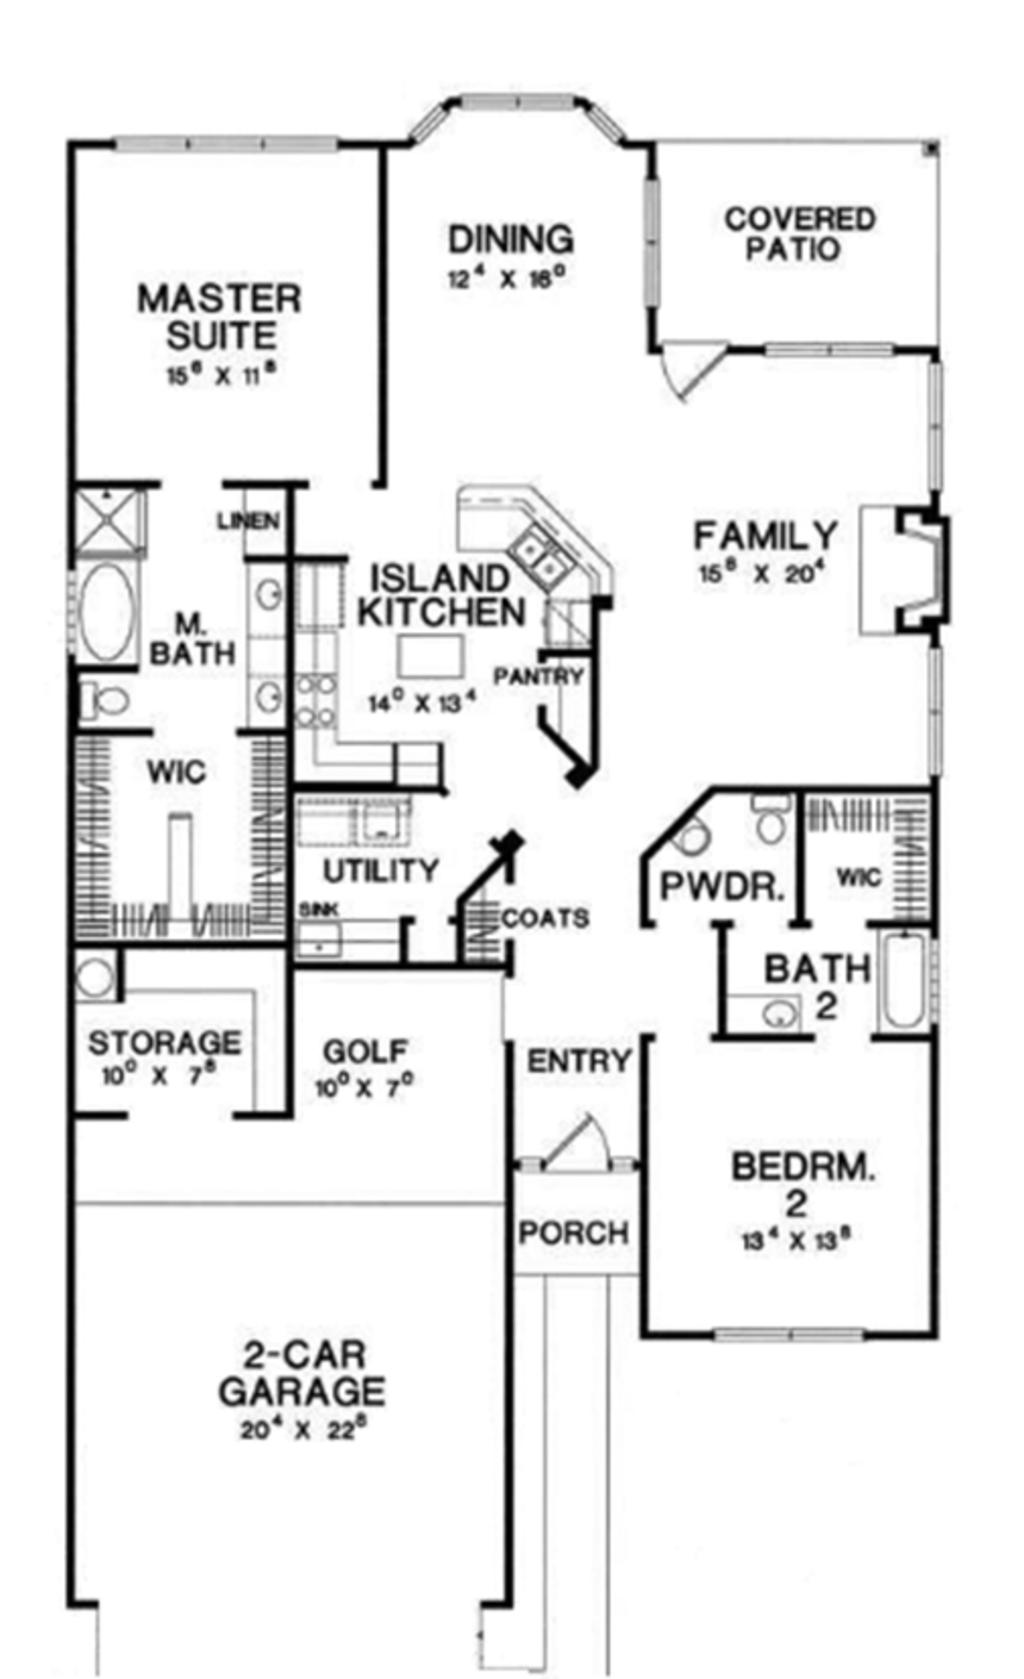 electrical plan examiners transmittal form wiring diagram rh vw17 ruthdahm de